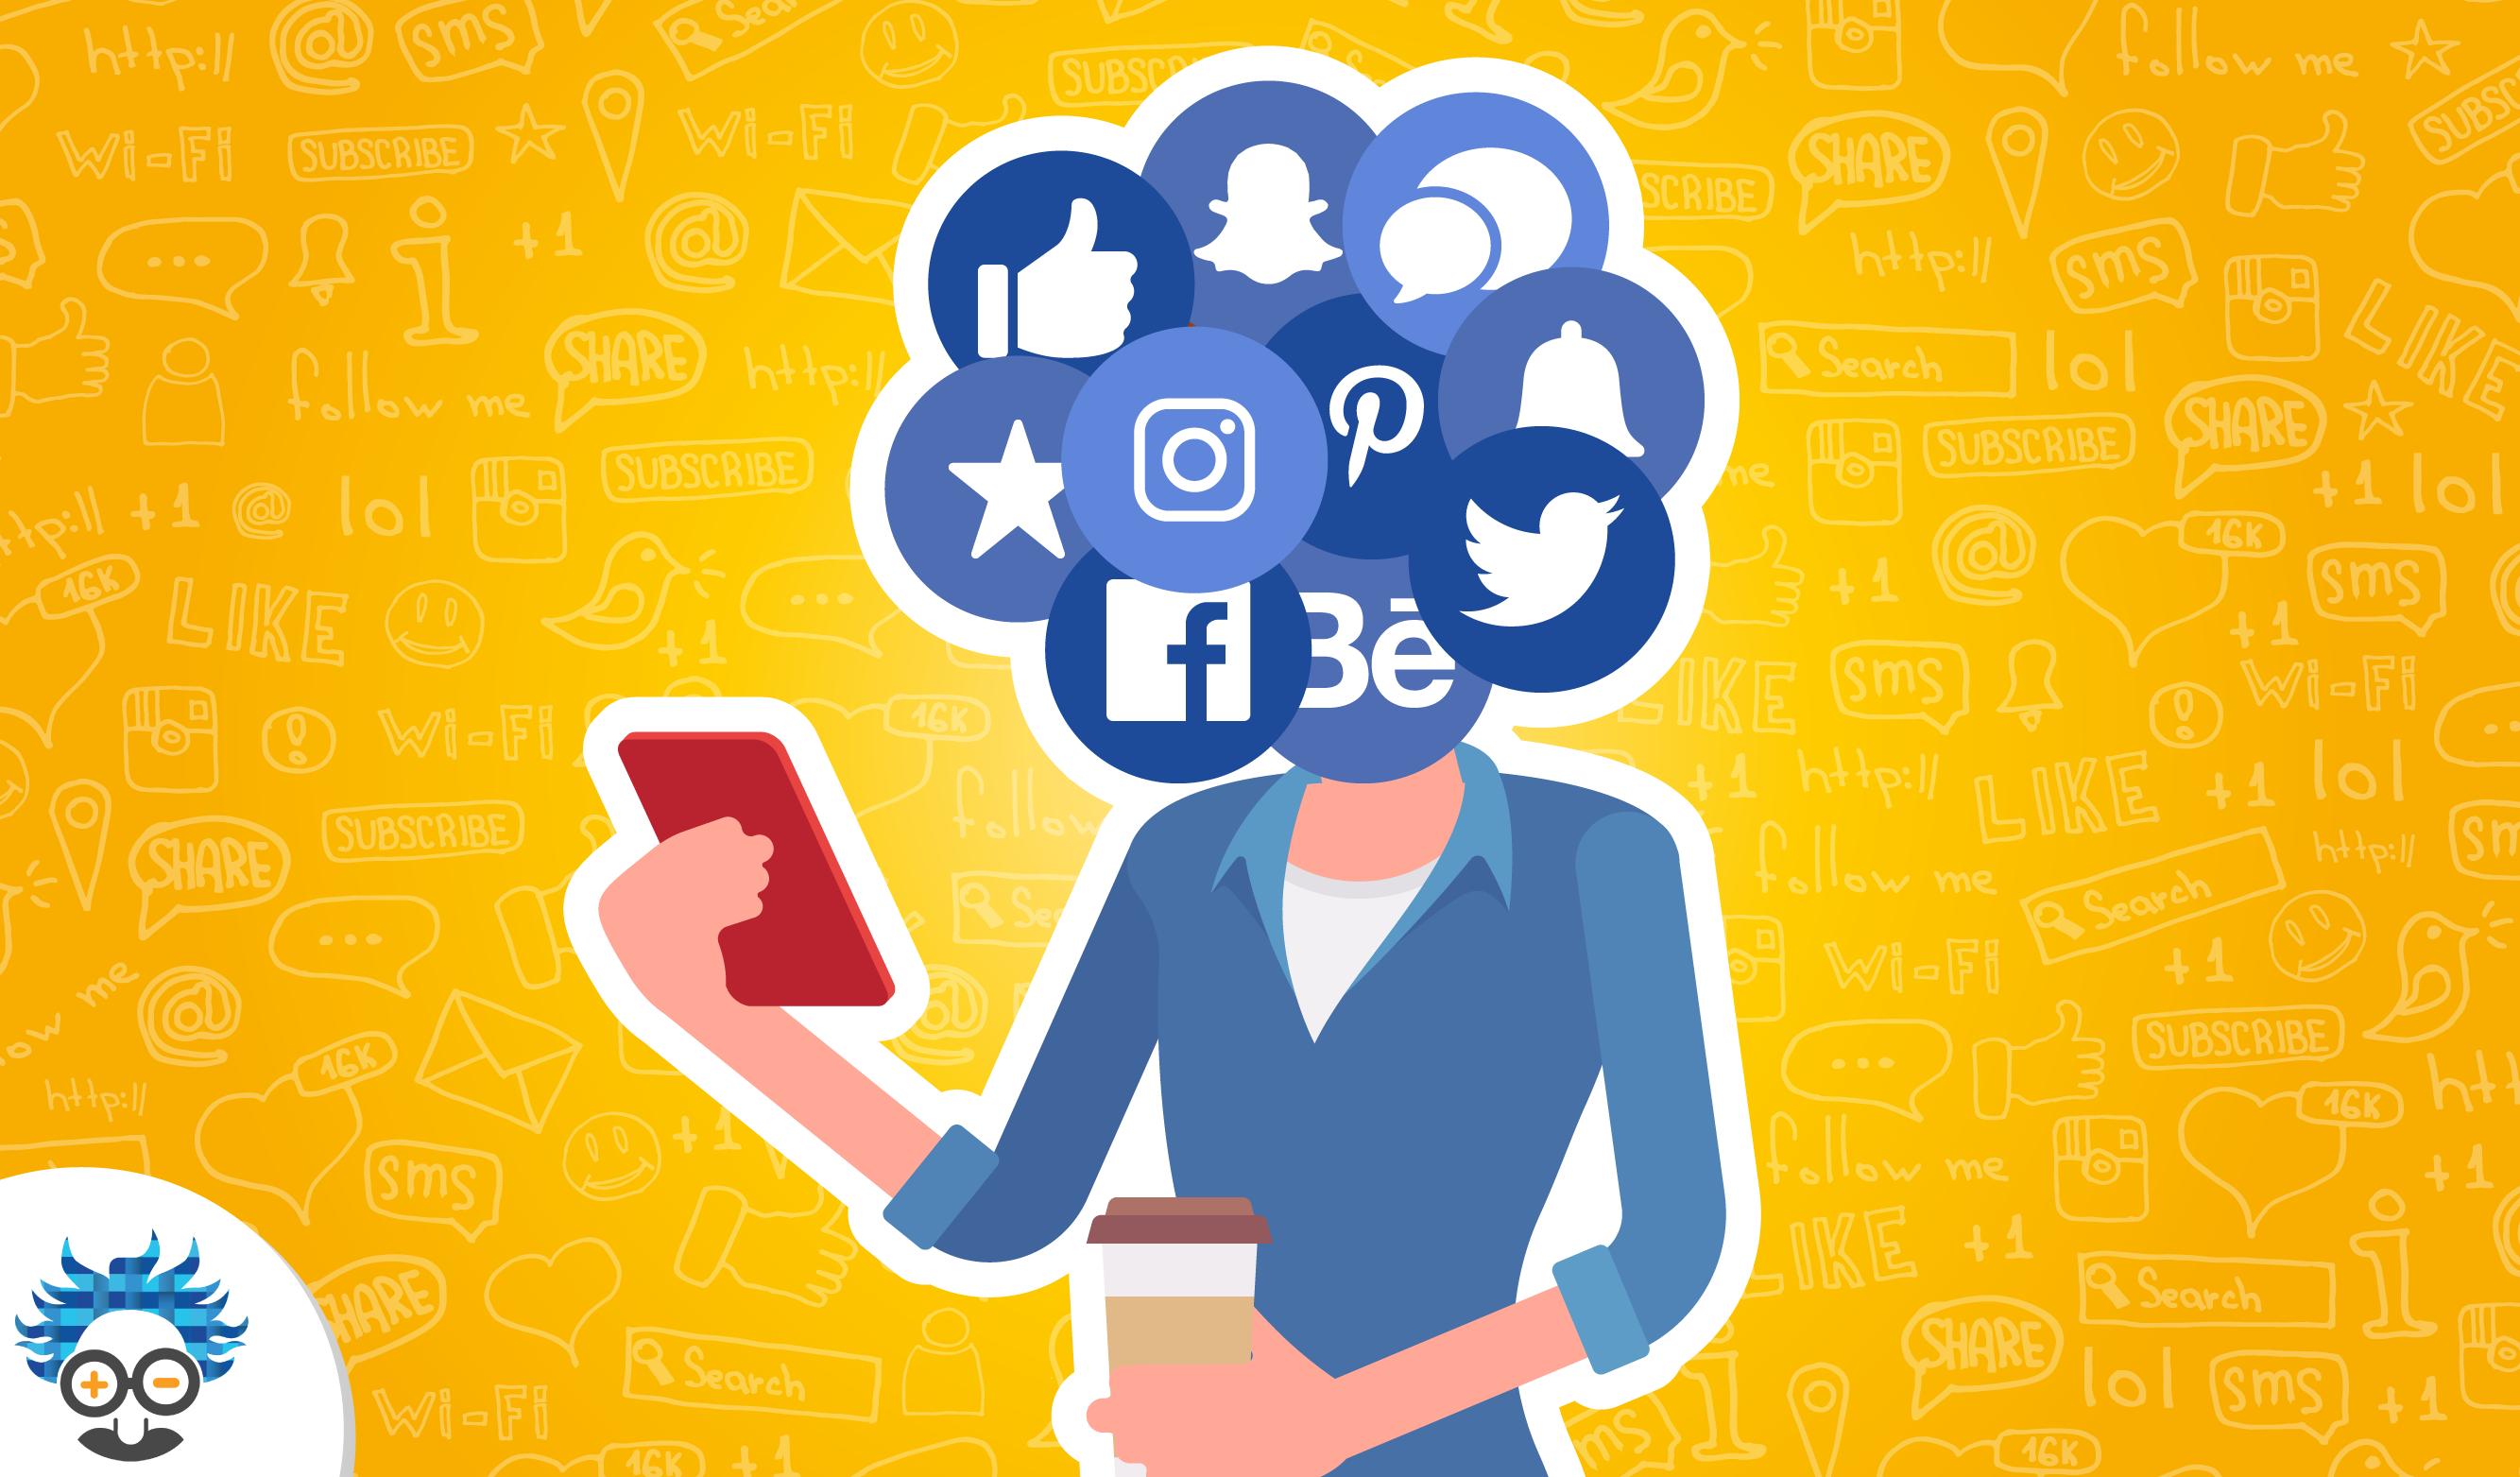 share blog on social